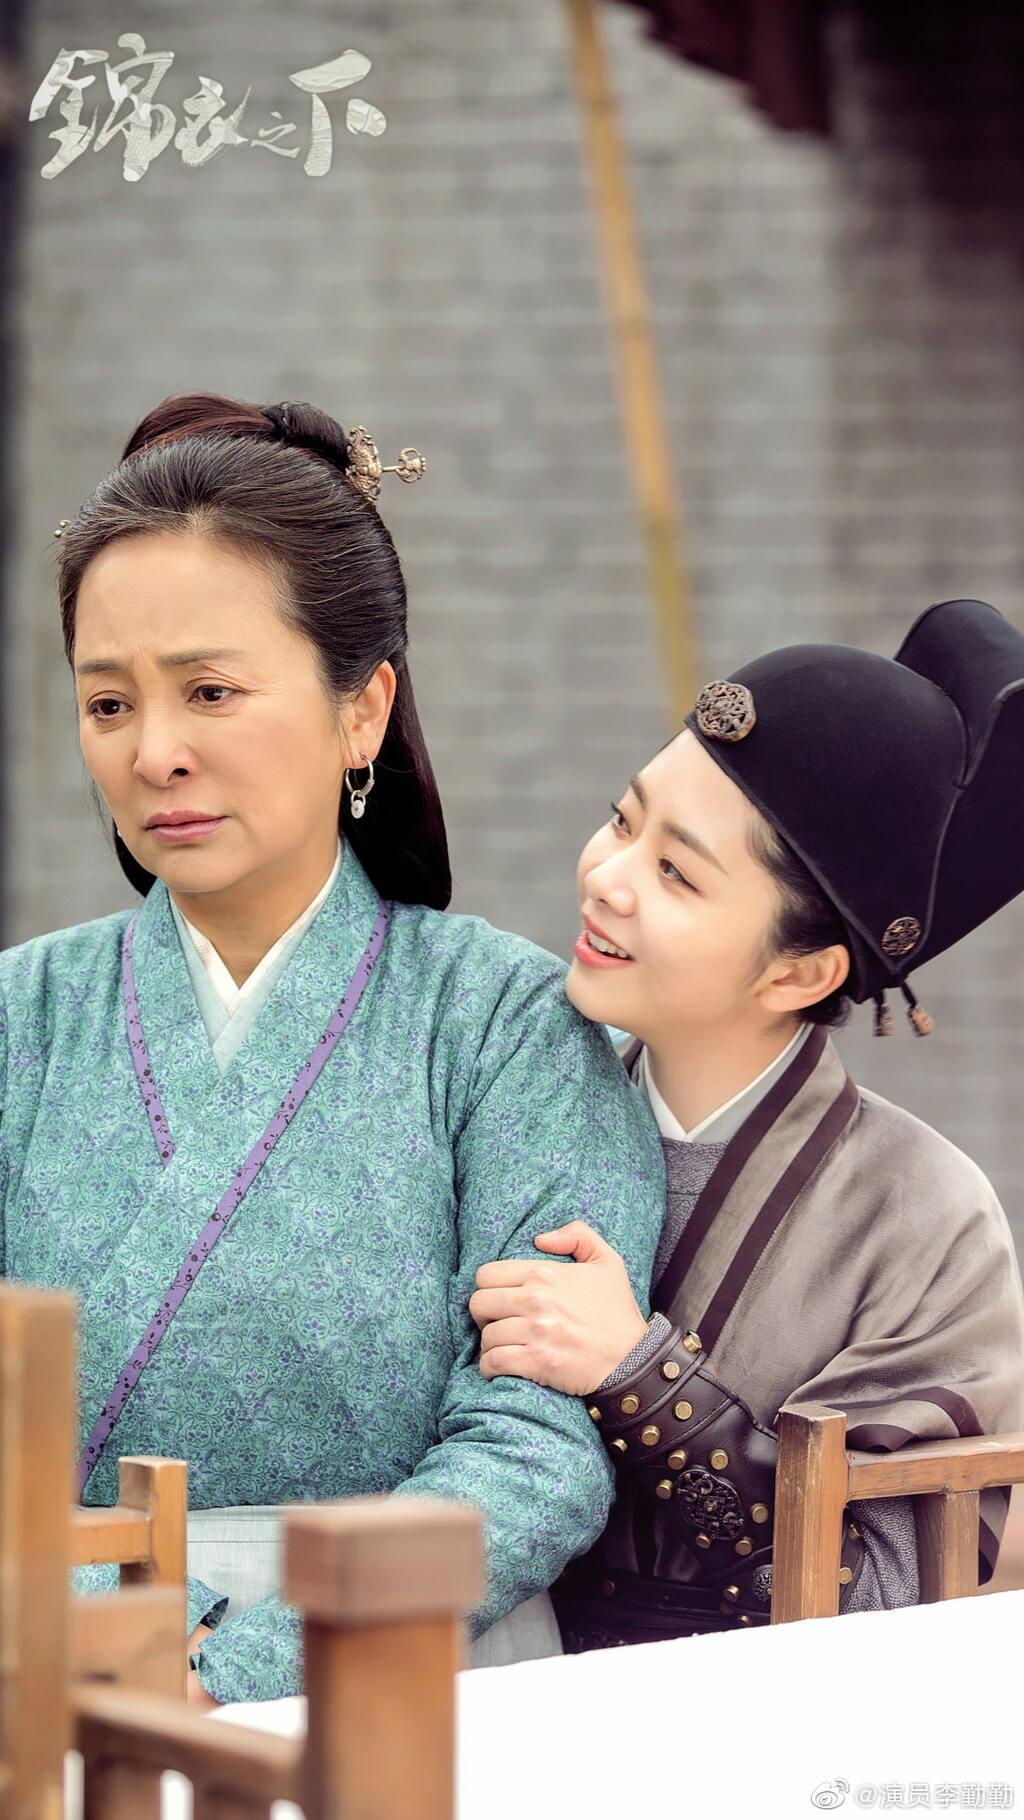 """Sao phim """"Tiếu Ngạo Giang Hồ"""" lộ cuộc sống khắc khổ ở tuổi U60"""